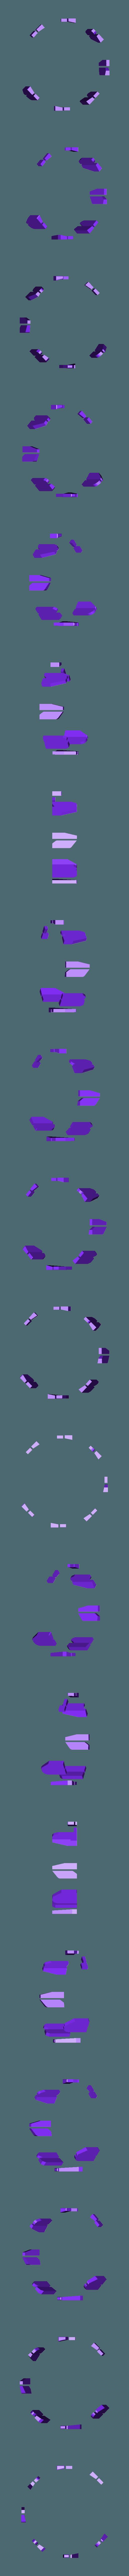 stones.STL Télécharger fichier STL gratuit École Poudlard • Plan imprimable en 3D, Urgnarb